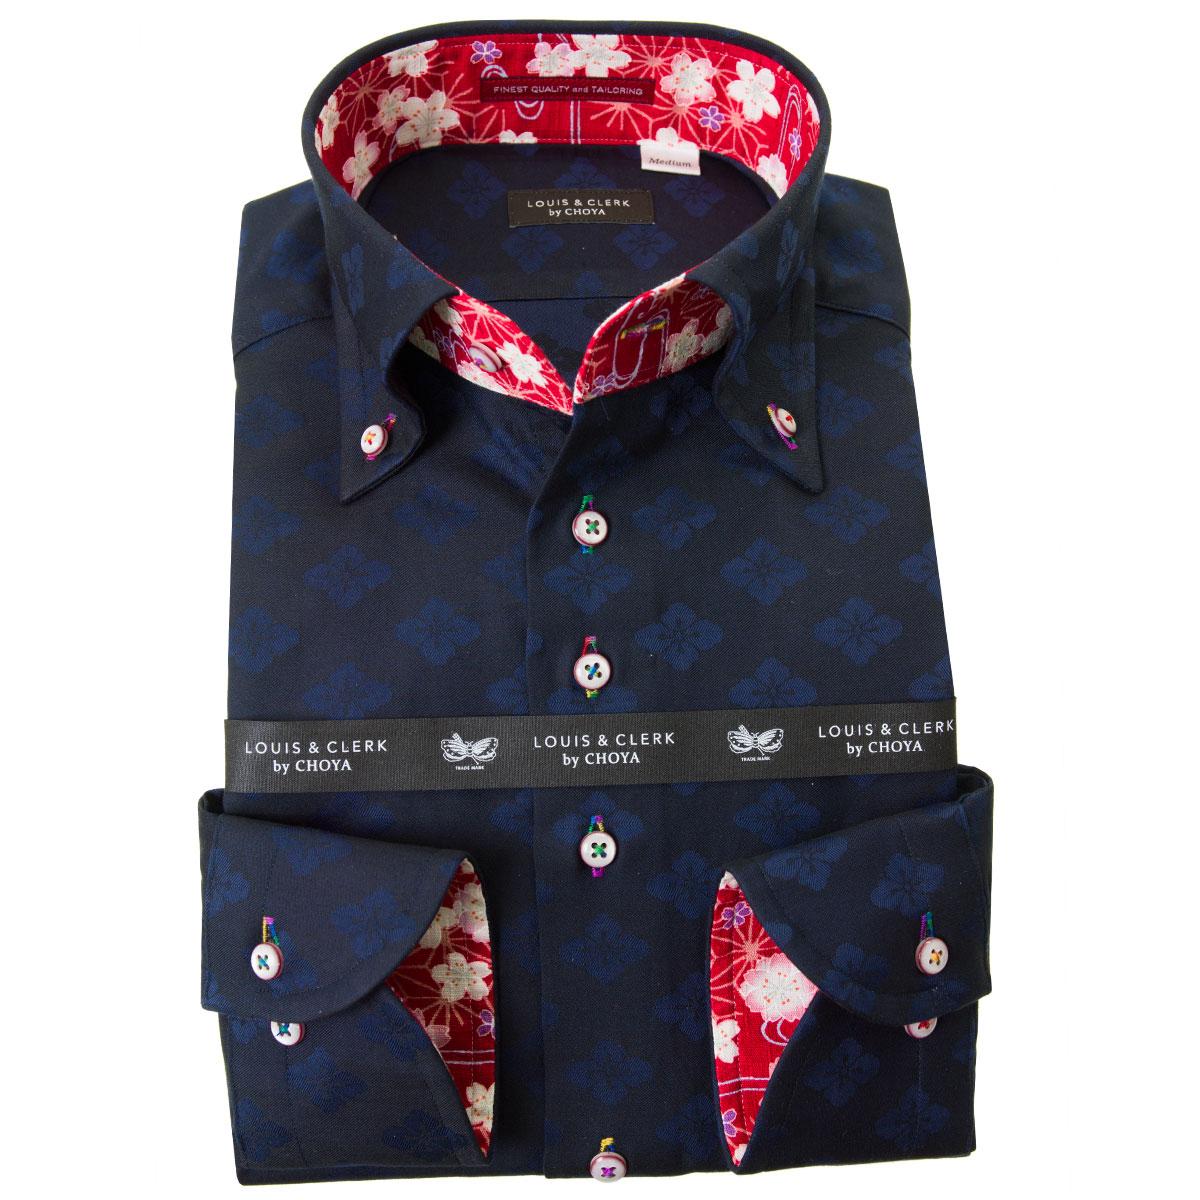 ドレスシャツ ワイシャツ シャツ メンズ 国産 長袖 綿100% コンフォート ボタンダウン ダークネイビー ジャガード織柄 家紋 花菱 2001